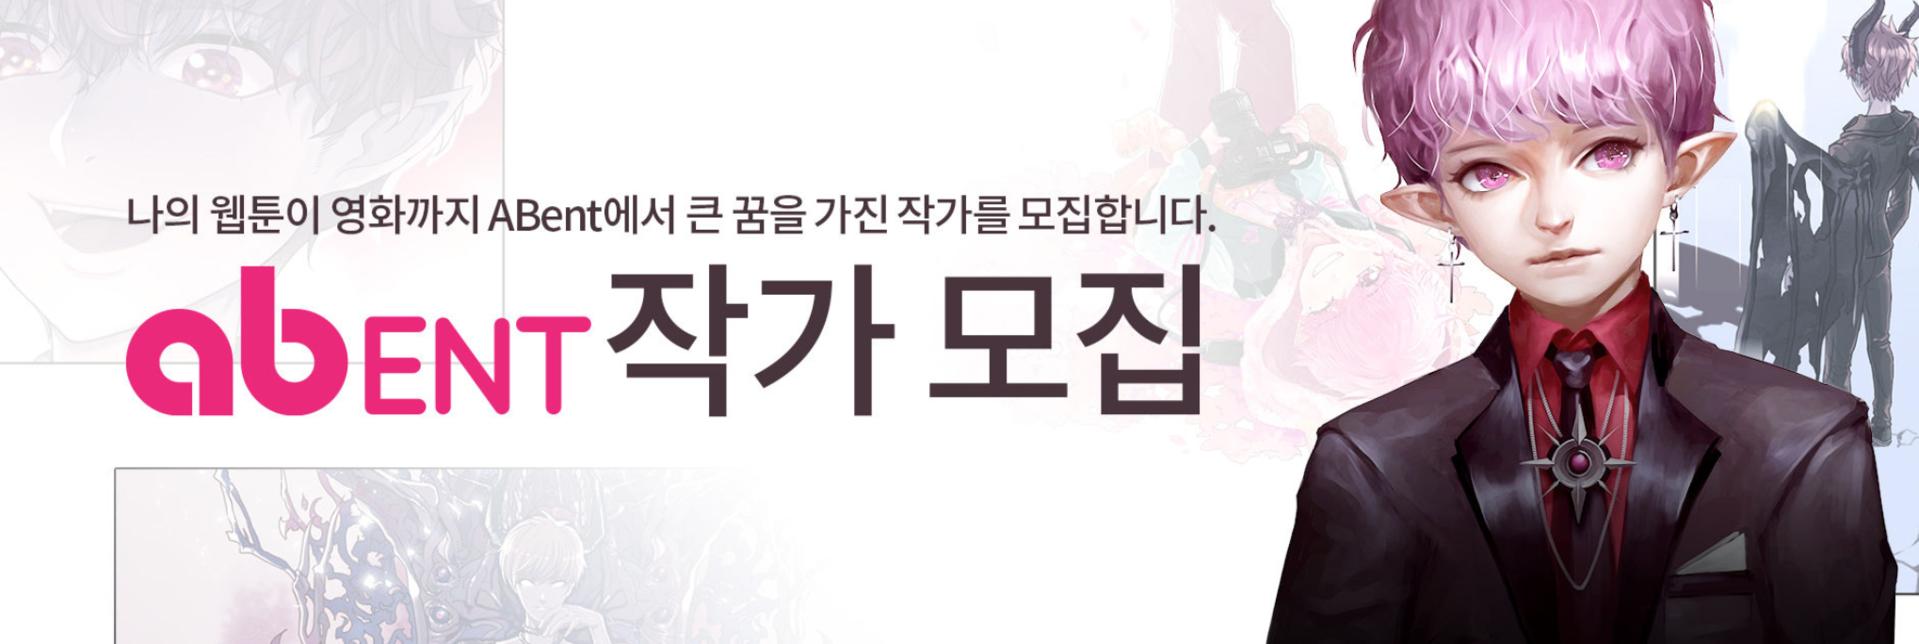 강남 애니벅스 웹툰학원 작가 모집